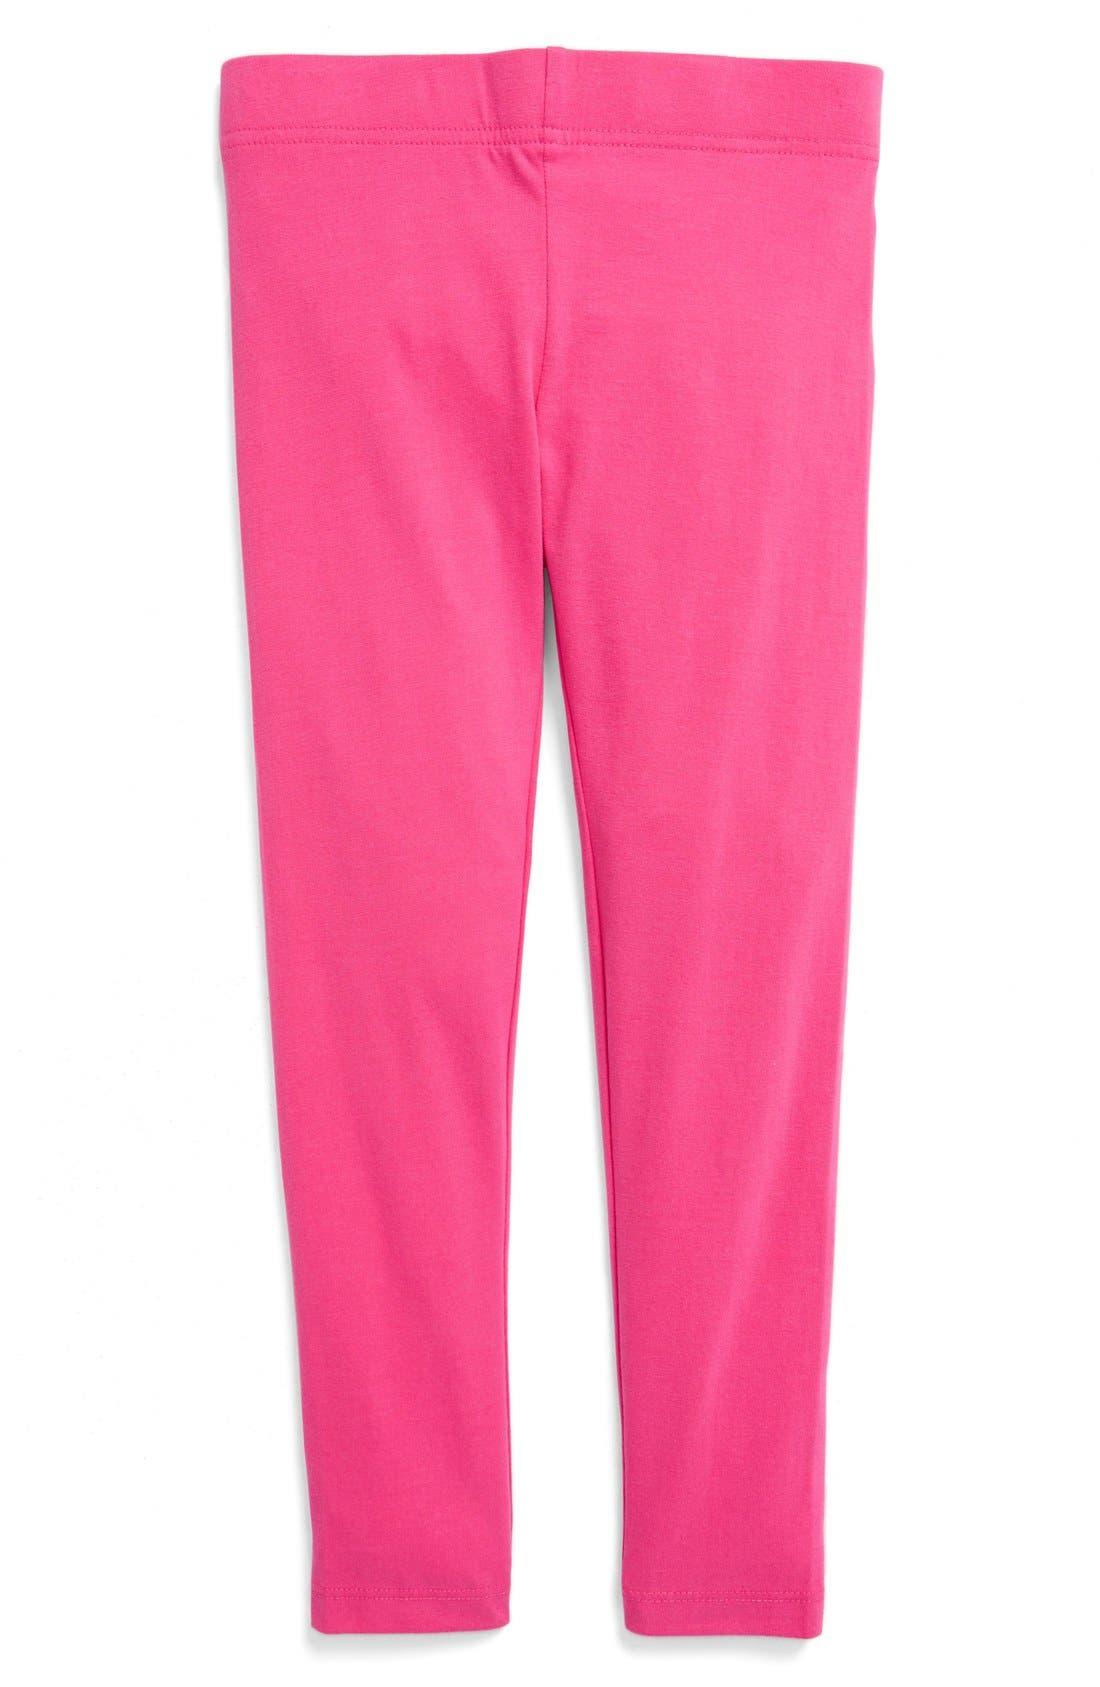 Toddler Girls Tucker  Tate Core Leggings Size 3T  Pink